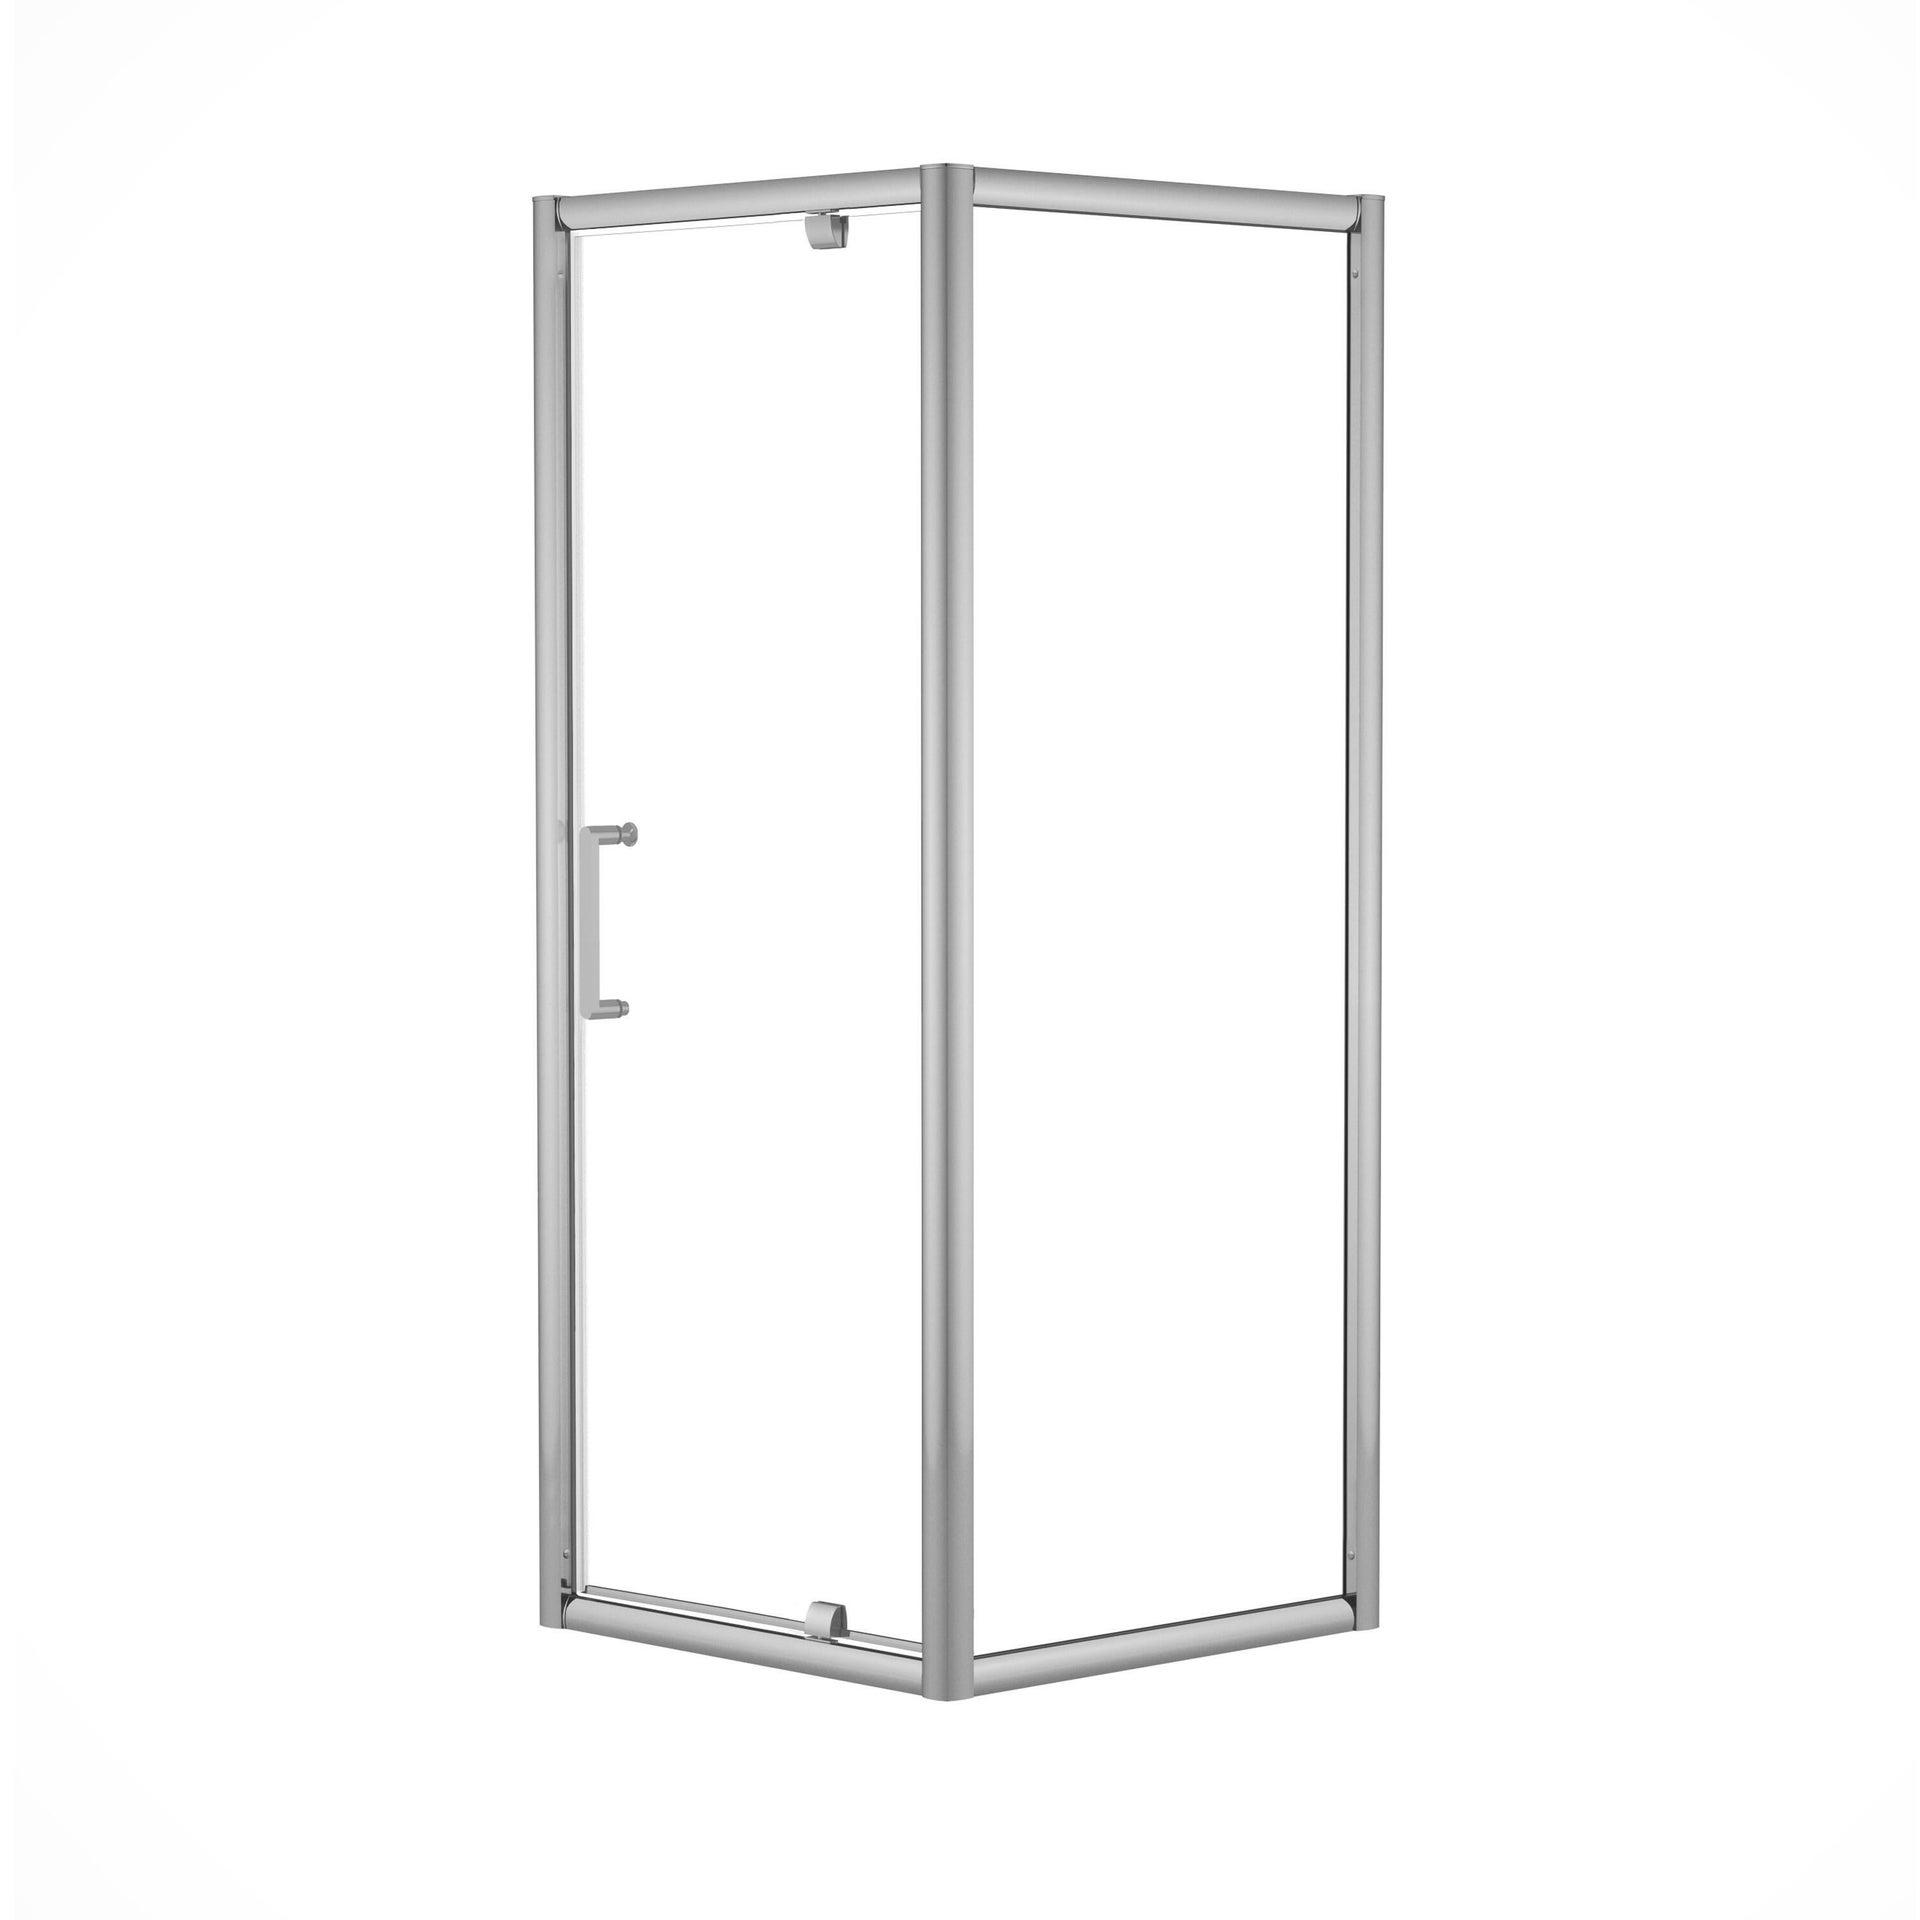 Box doccia rettangolare battente Quad 70 x 80 cm, H 190 cm in vetro temprato, spessore 6 mm trasparente argento - 4